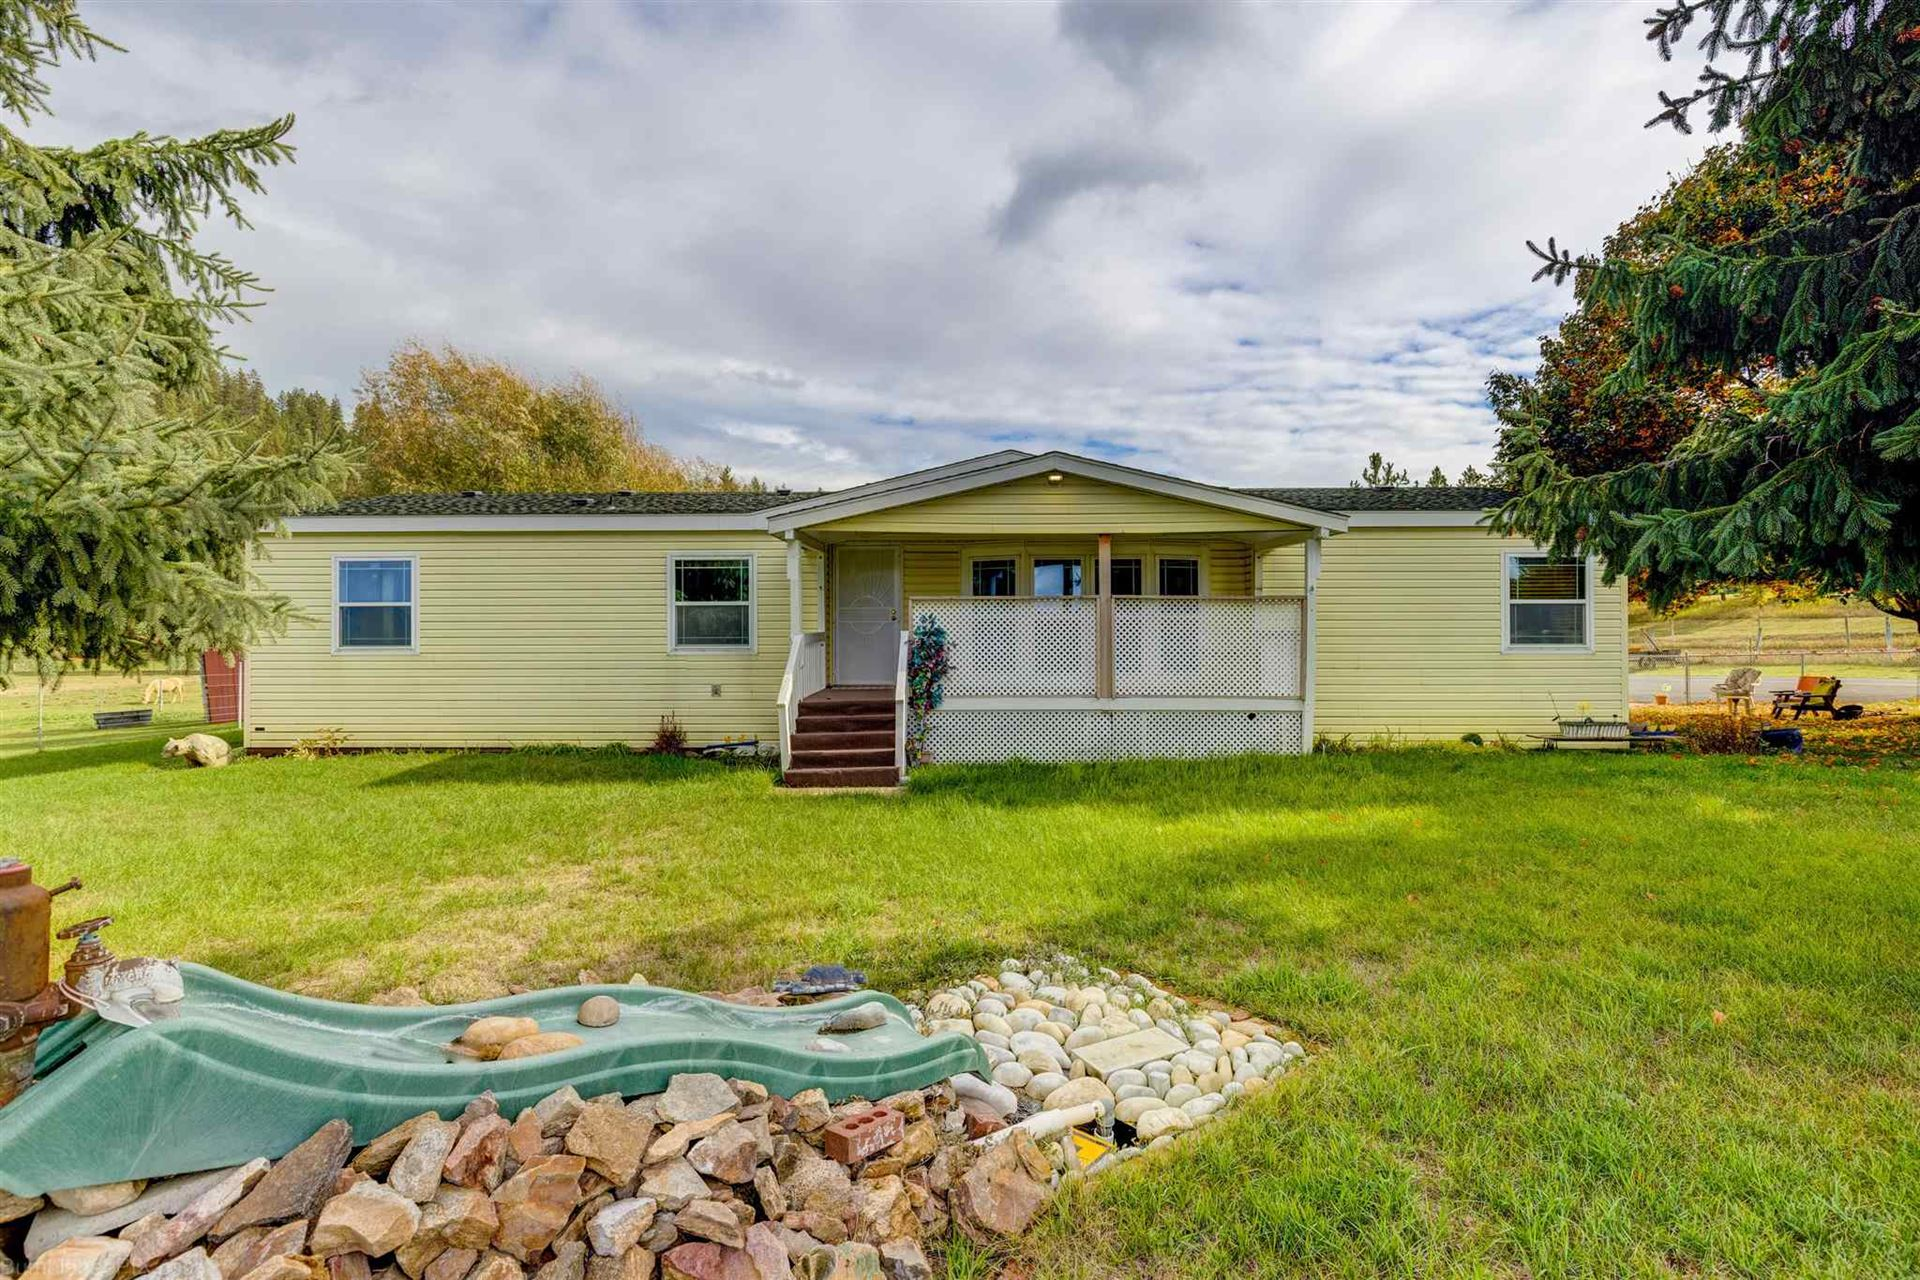 10110 N McCoy Rd, Newman Lake, WA 99025 - #: 202124205